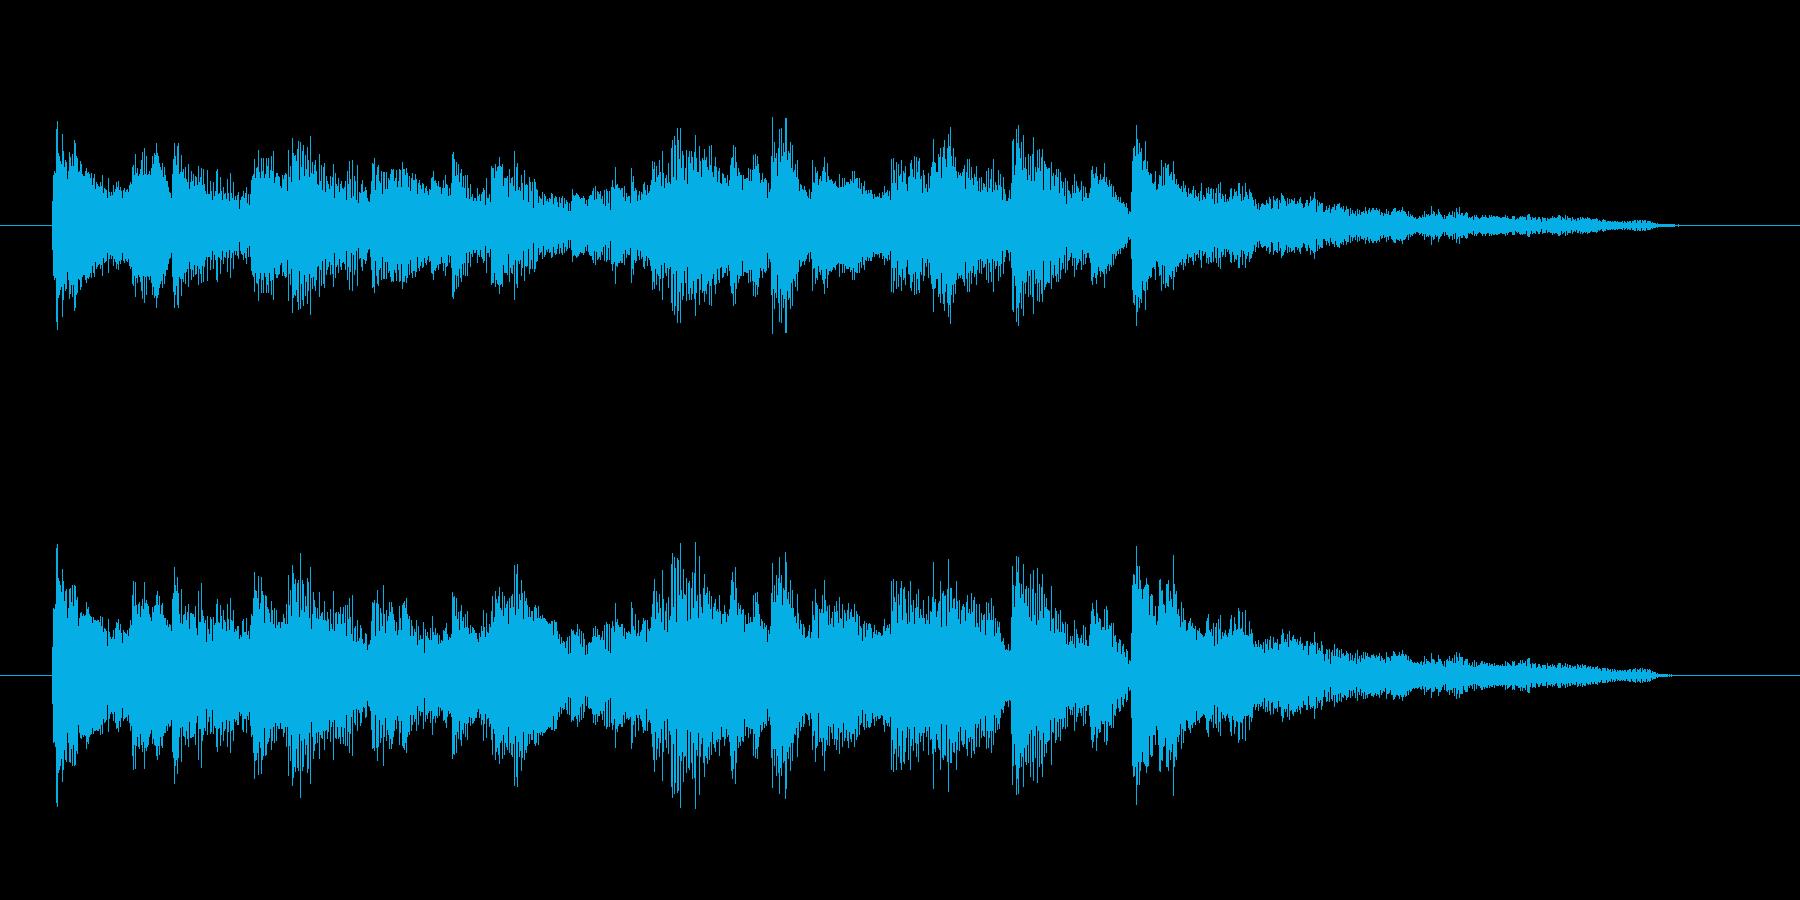 漂うようなビブラフォンが印象的なバラードの再生済みの波形